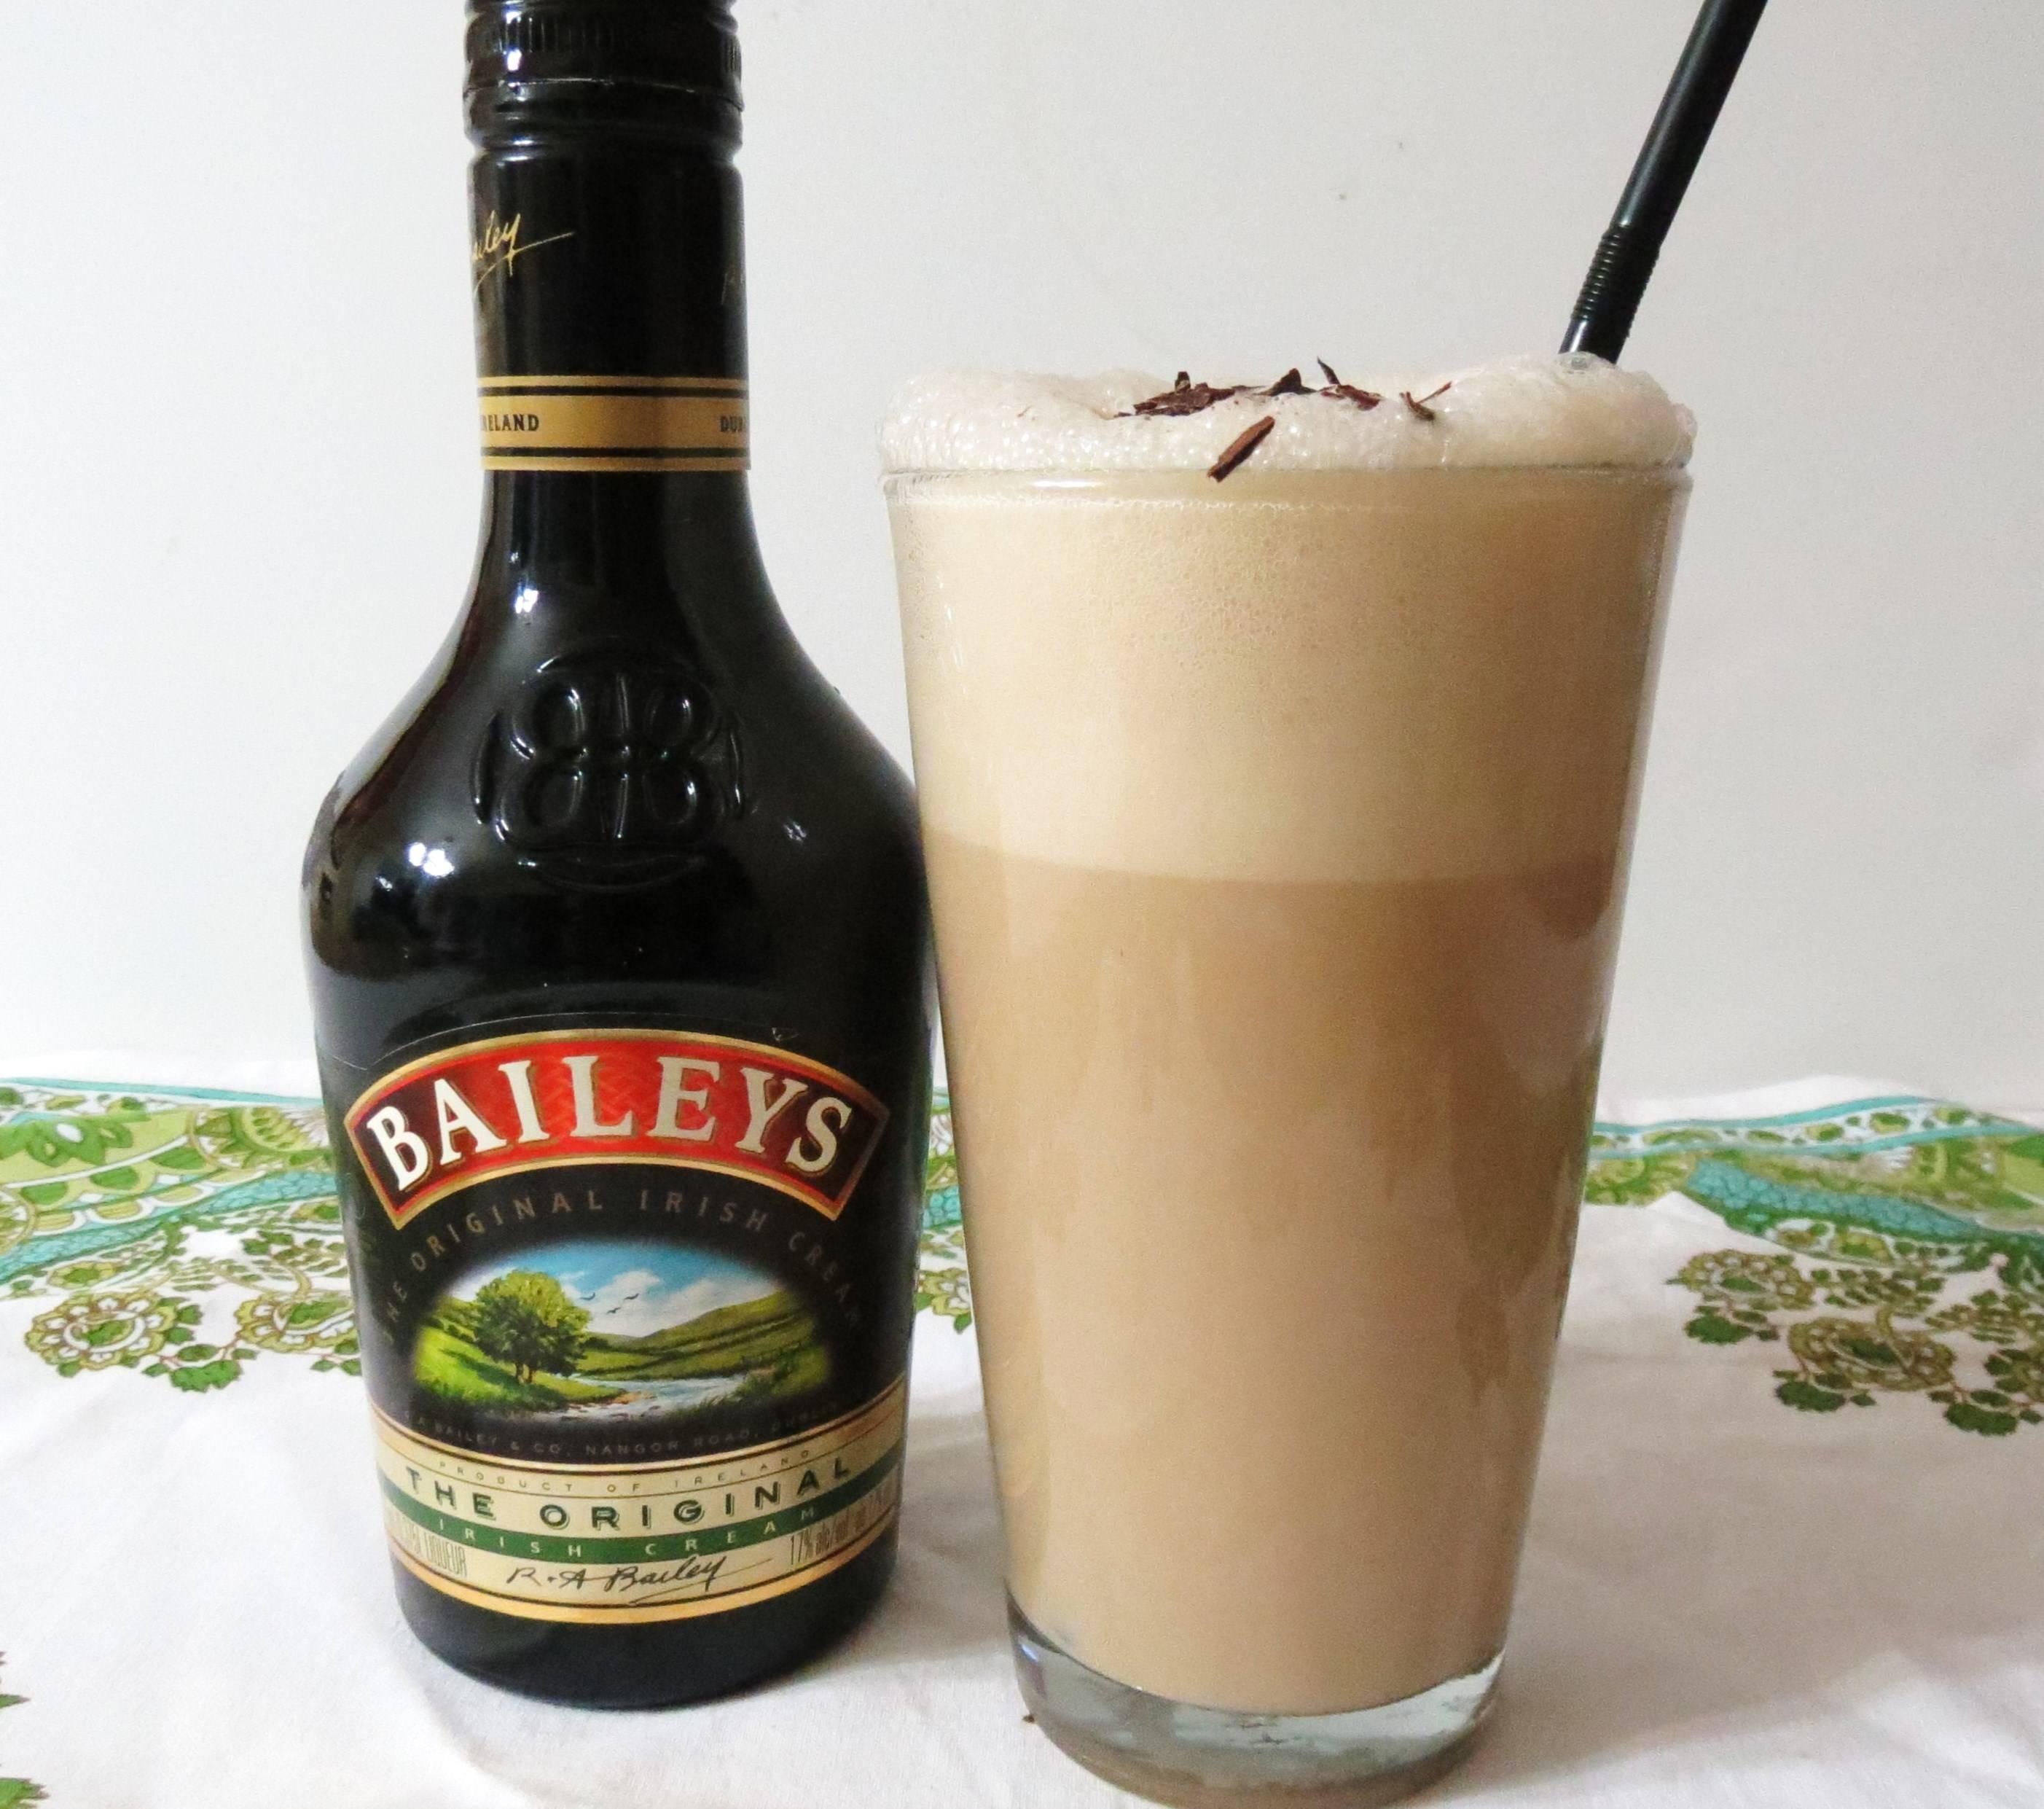 Ликер бейлиз - состав,коктейли и рецепт для дома